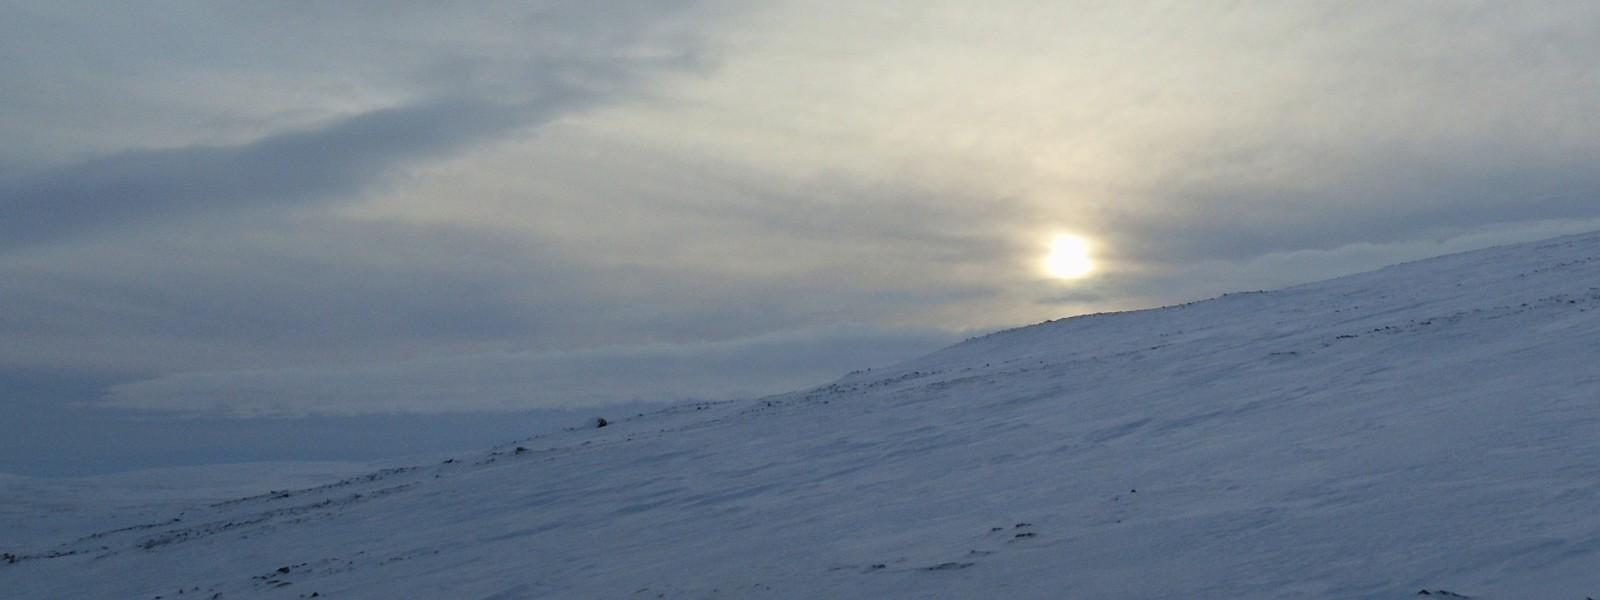 Кольский полуостров, Сейдозеро. Зимний поход